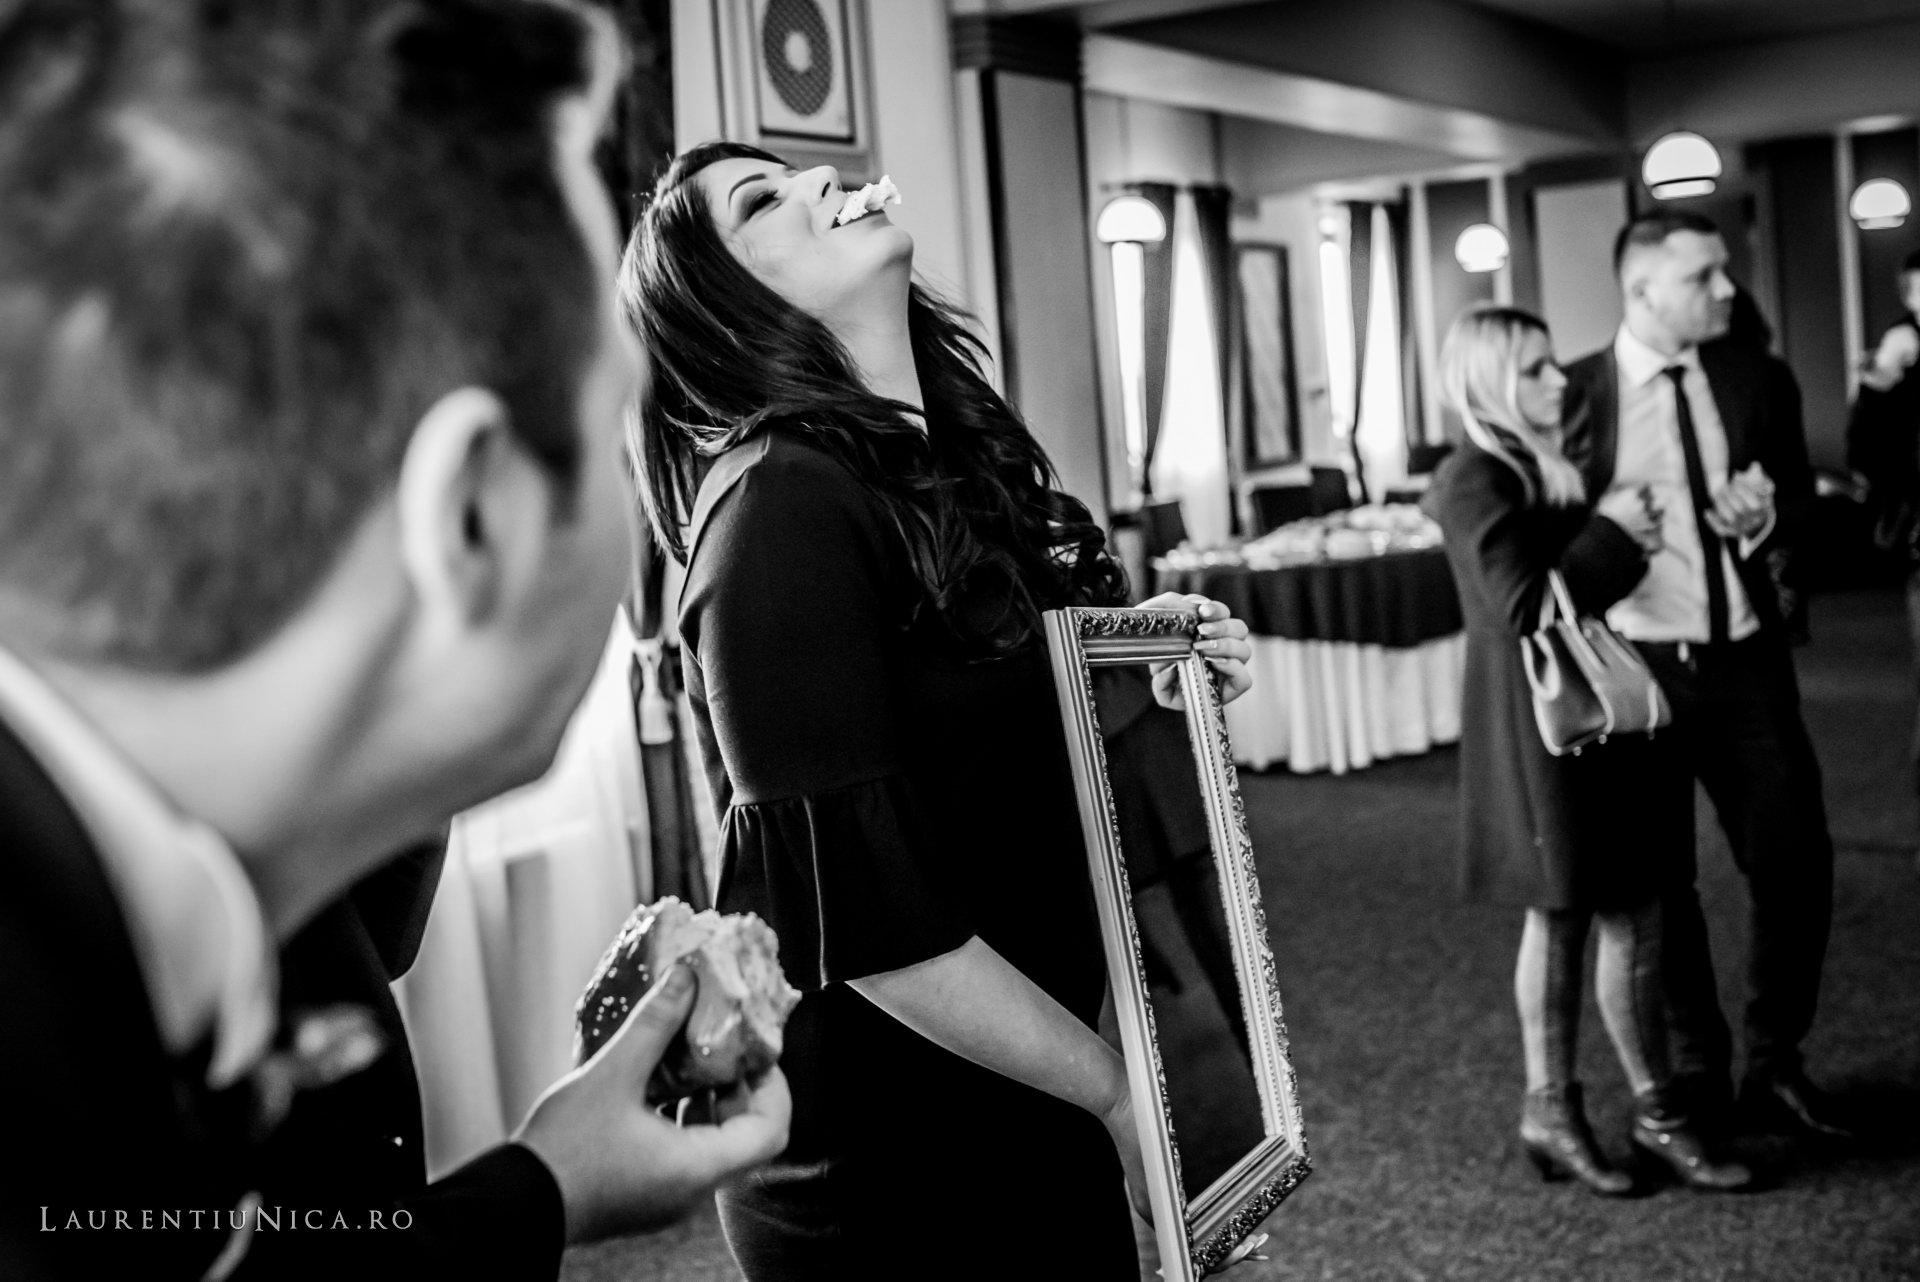 daniela si marius fotografii nunta craiova laurentiu nica17 - Daniela & Marius | Fotografii nunta